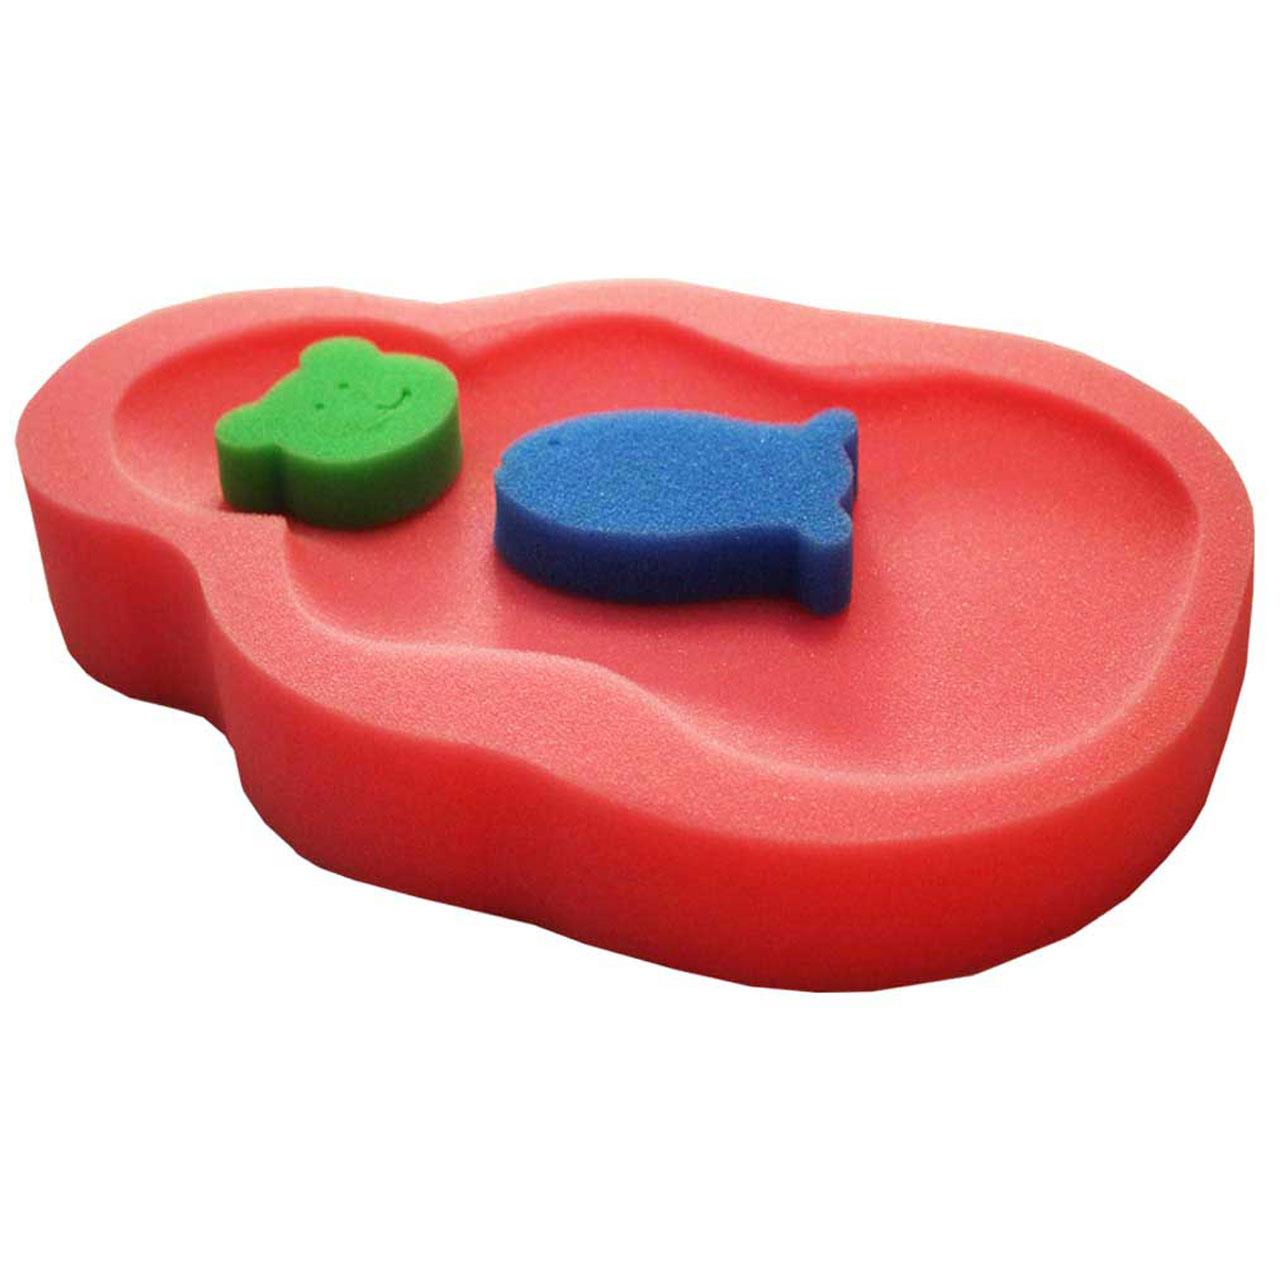 اسفنج وان حمام کودک بیبی جم مدل 3932P بسته 3 عددی